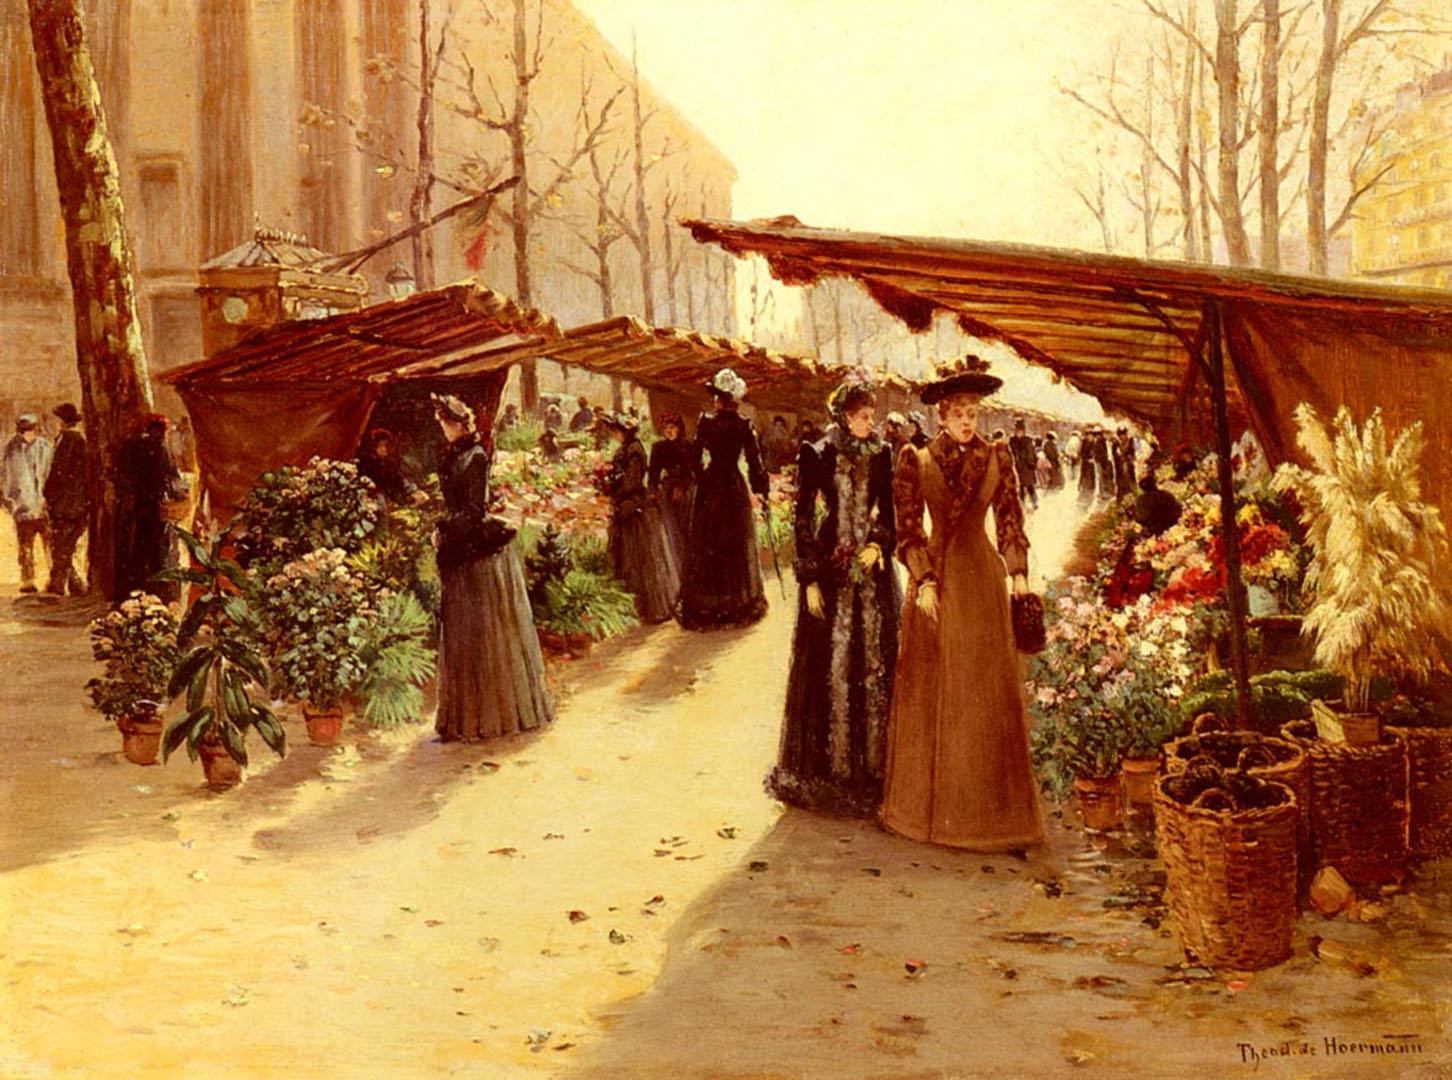 Flower Market At La Madeleine With Vegetables